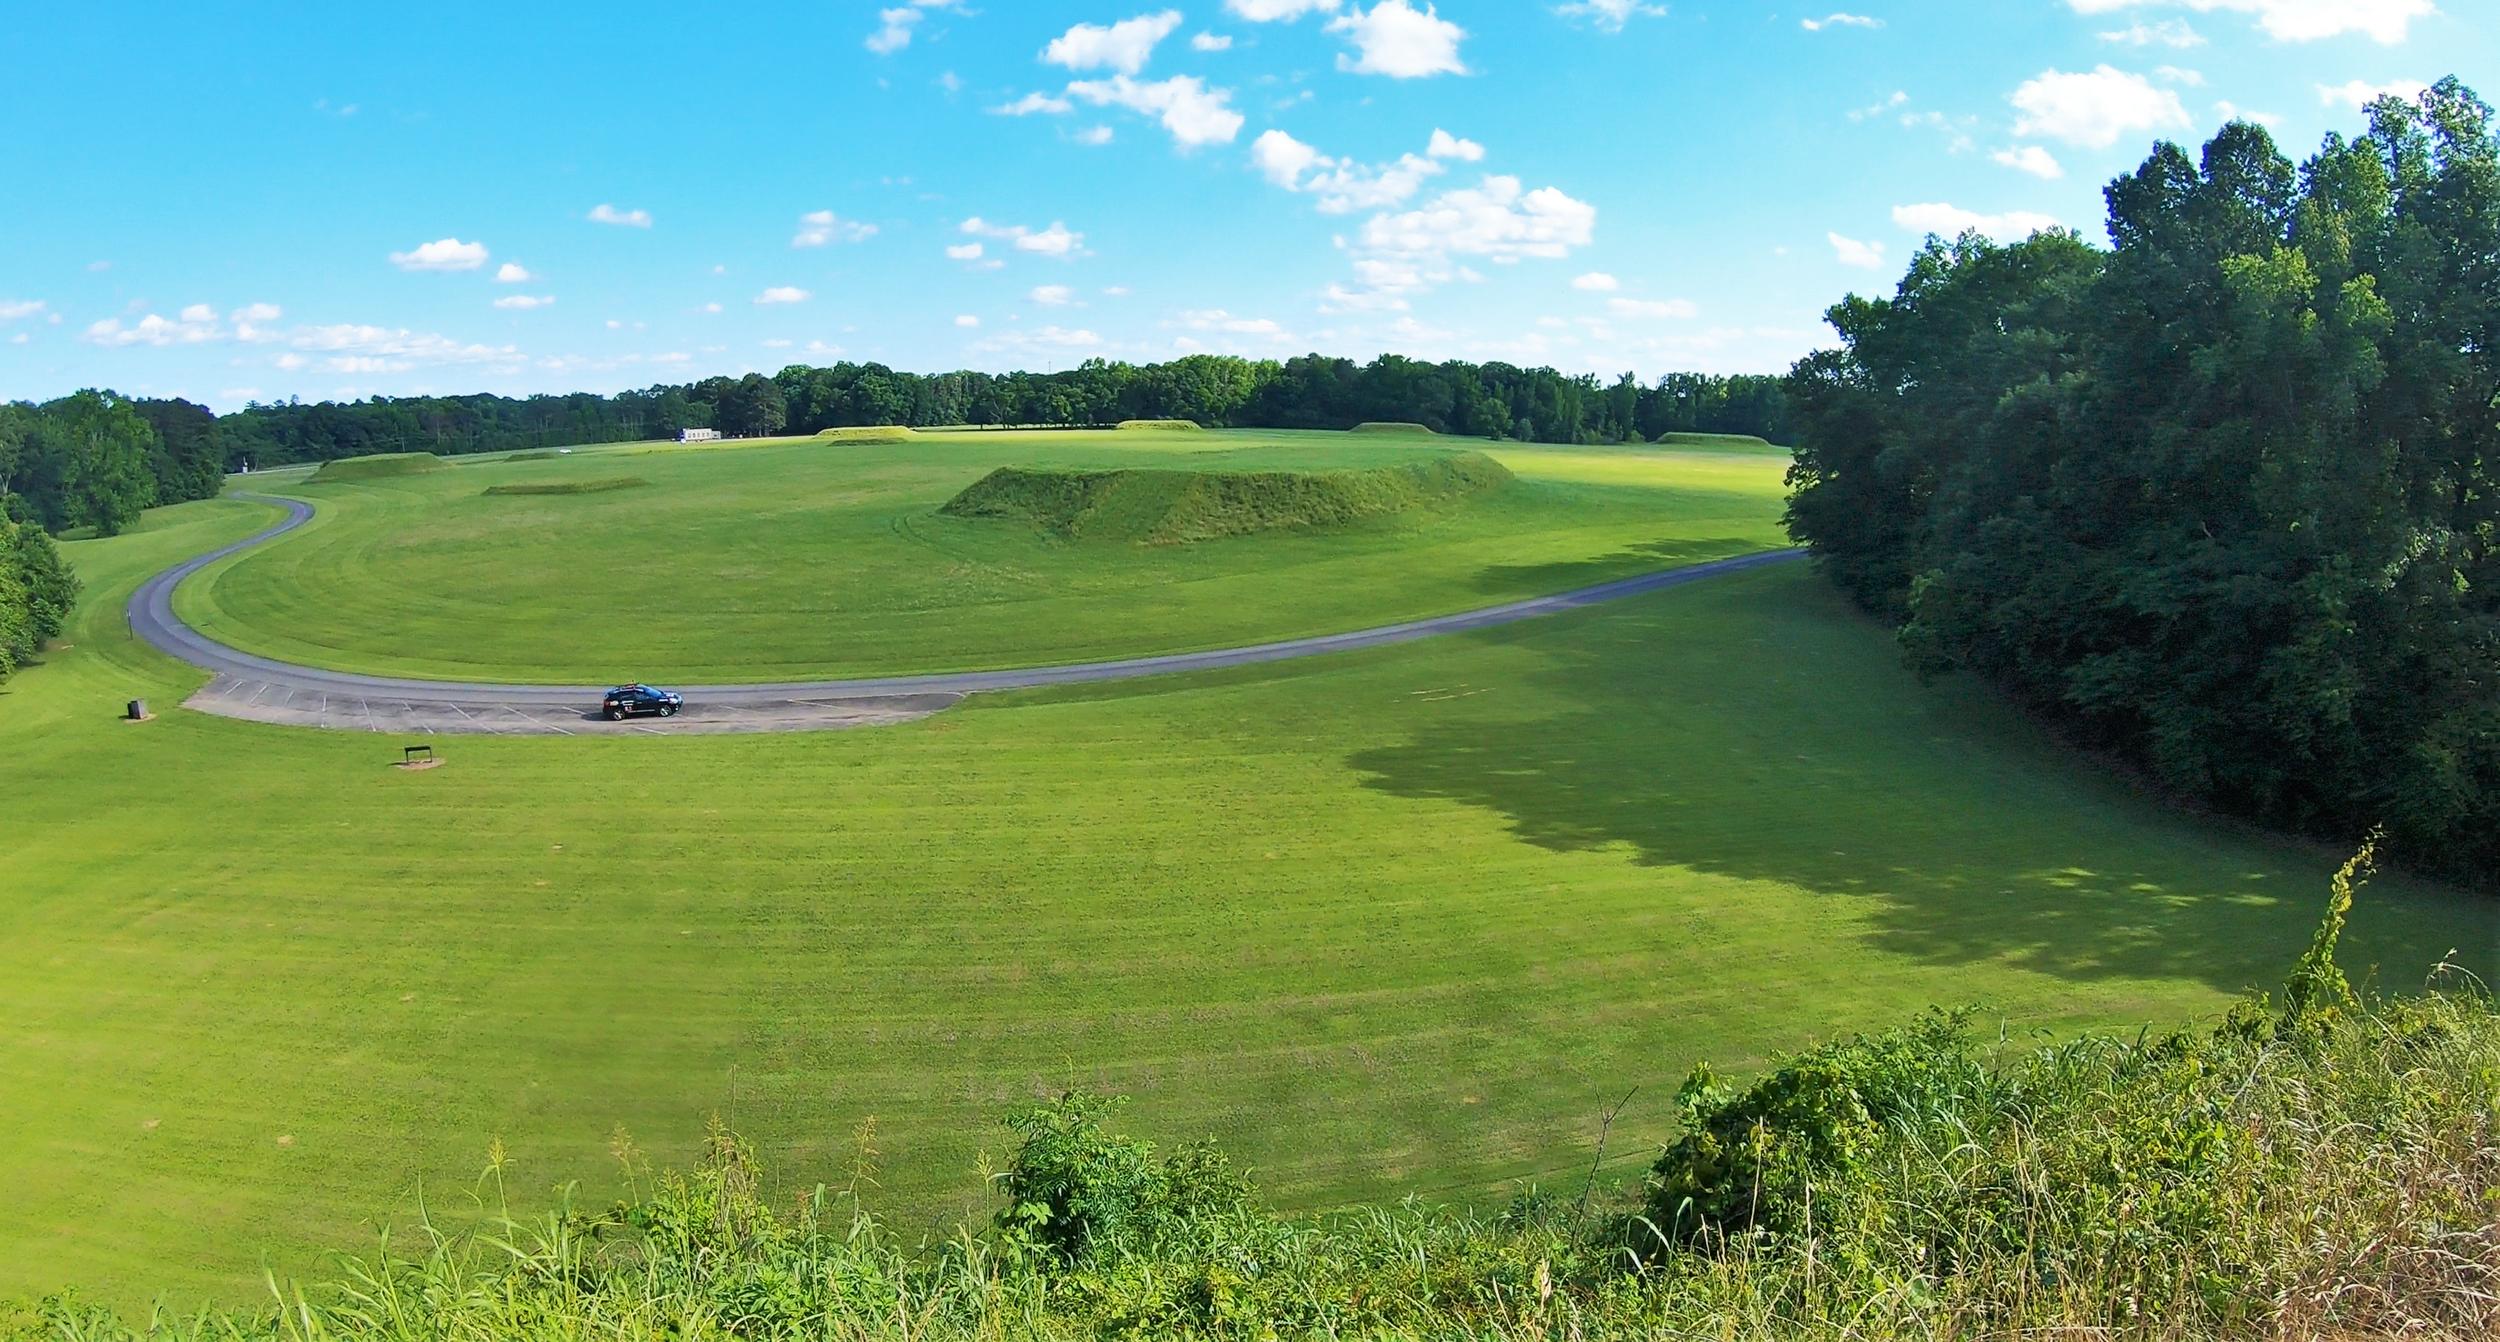 Moundville Archaeological Park in Alabama